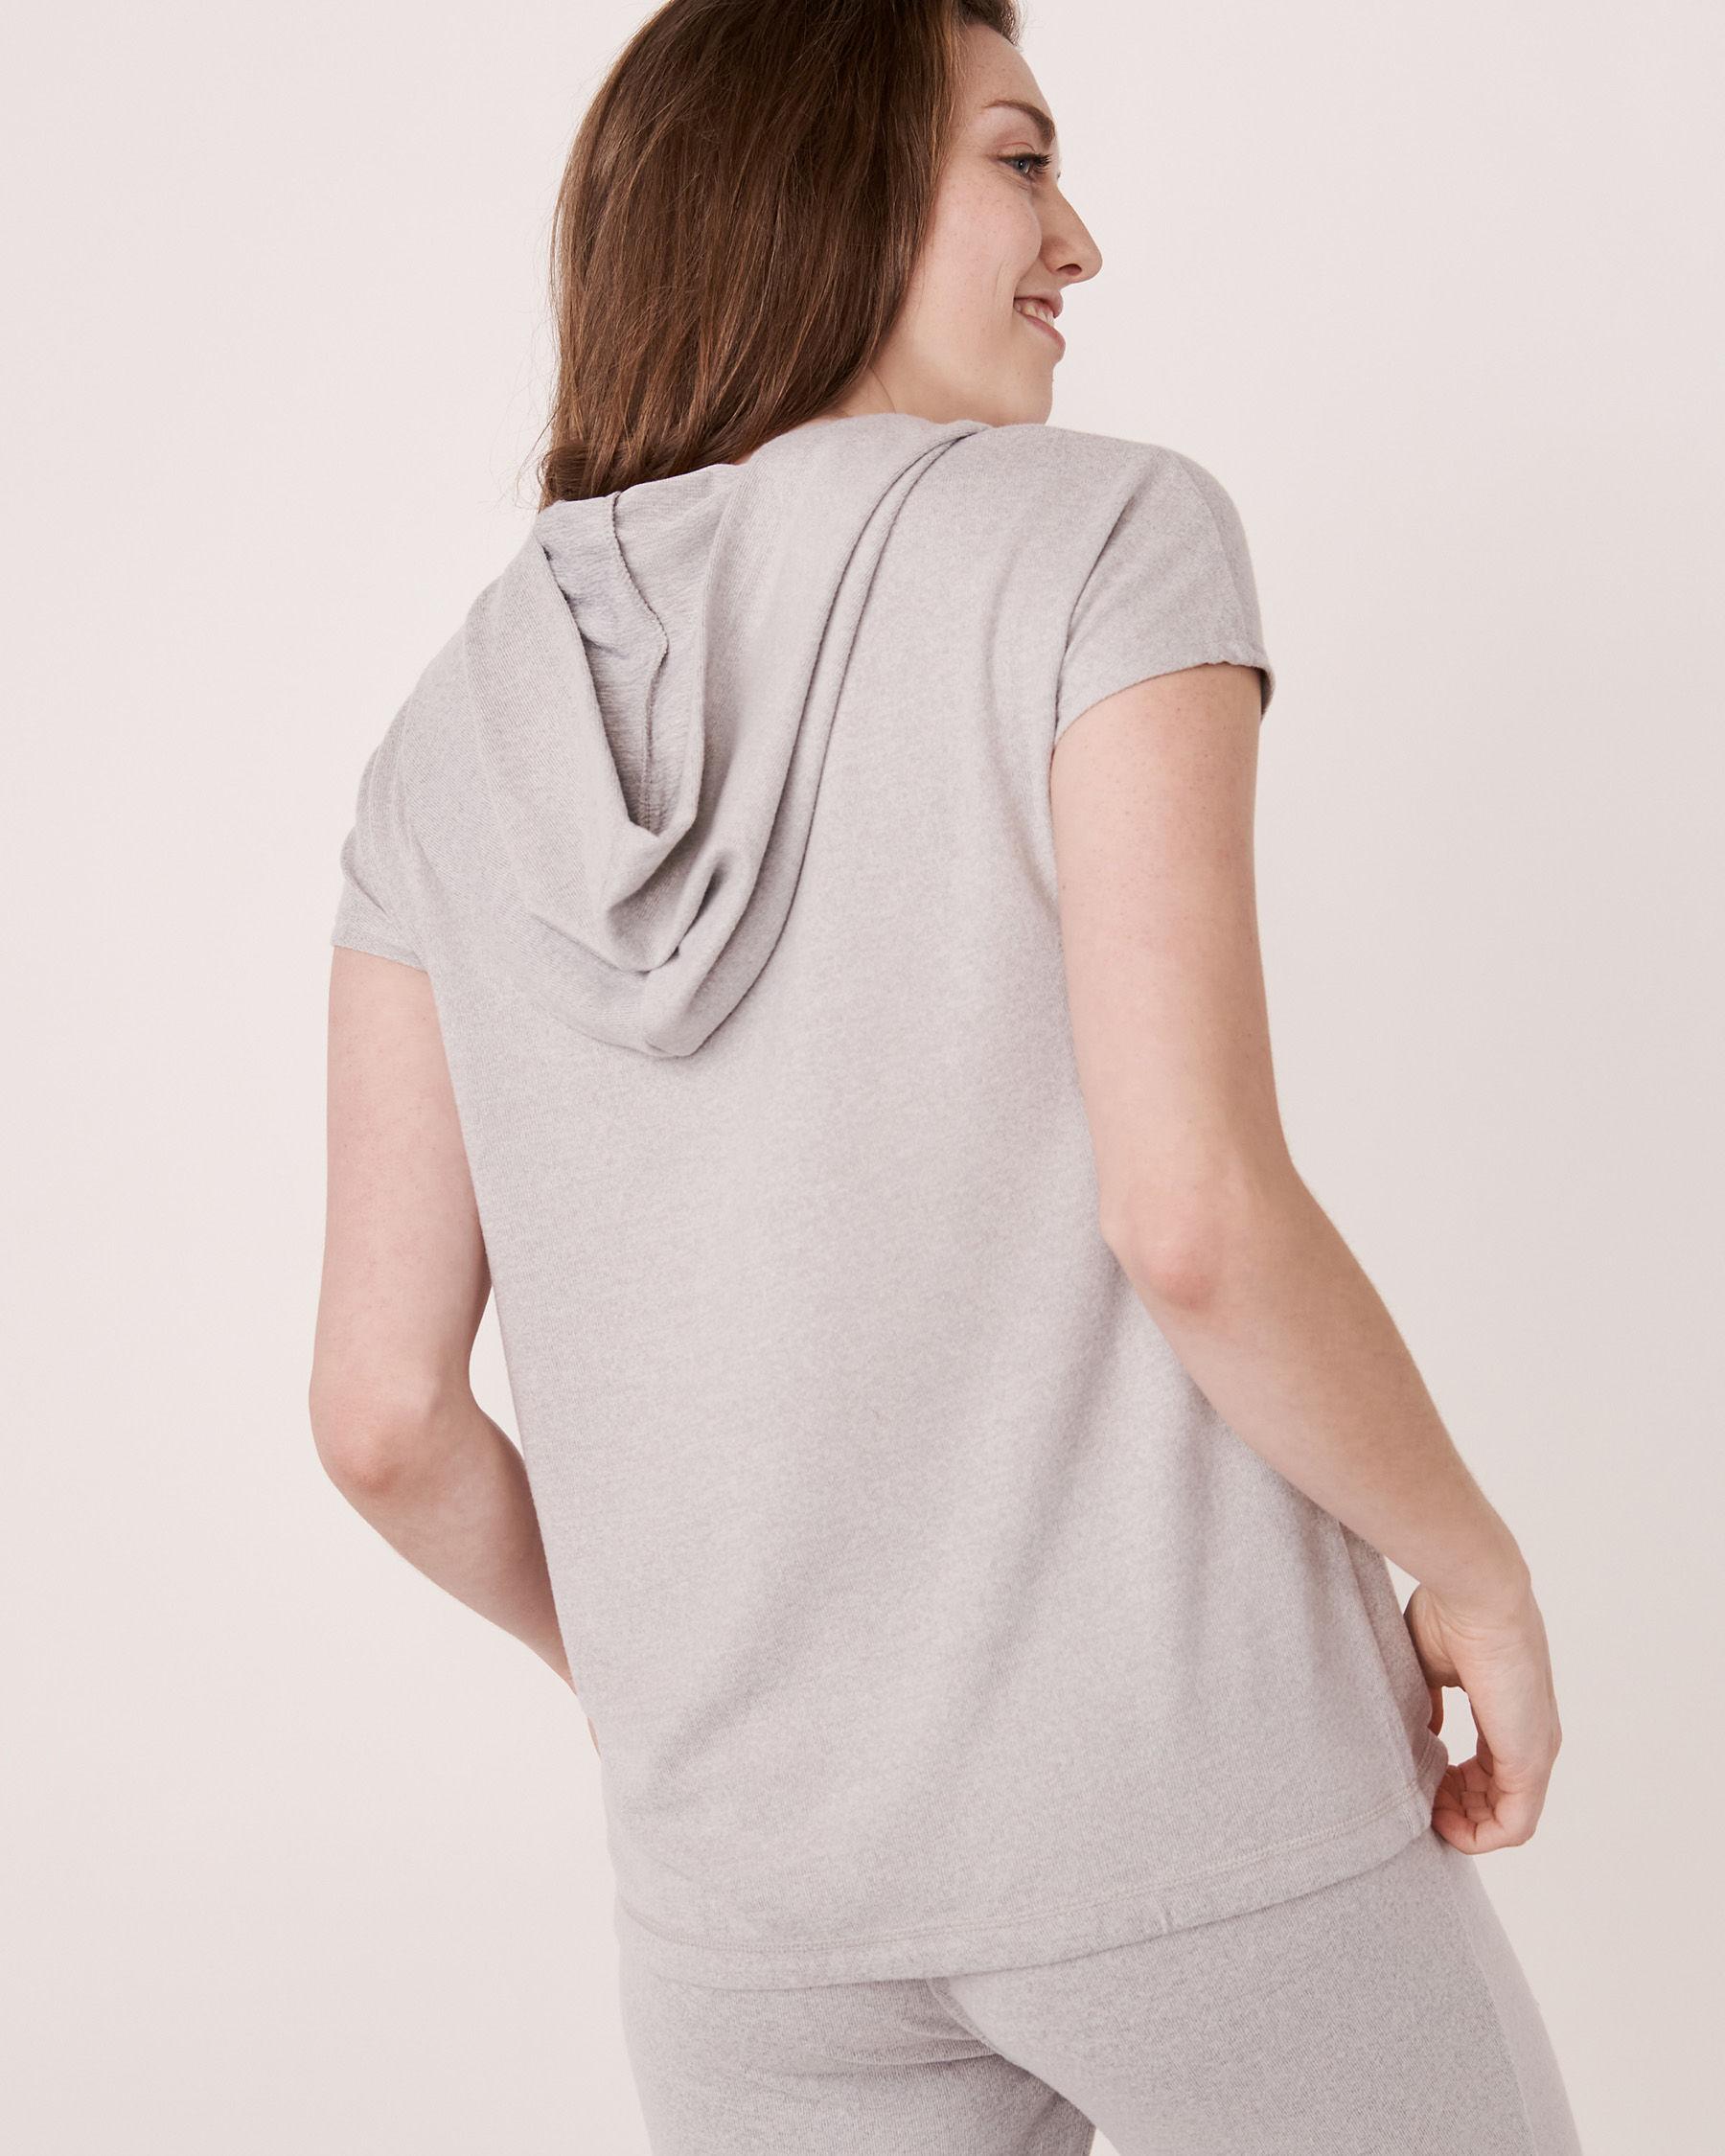 LA VIE EN ROSE Chandail manches courtes à capuchon en fibres recyclées Mélange de gris 40100039 - Voir2